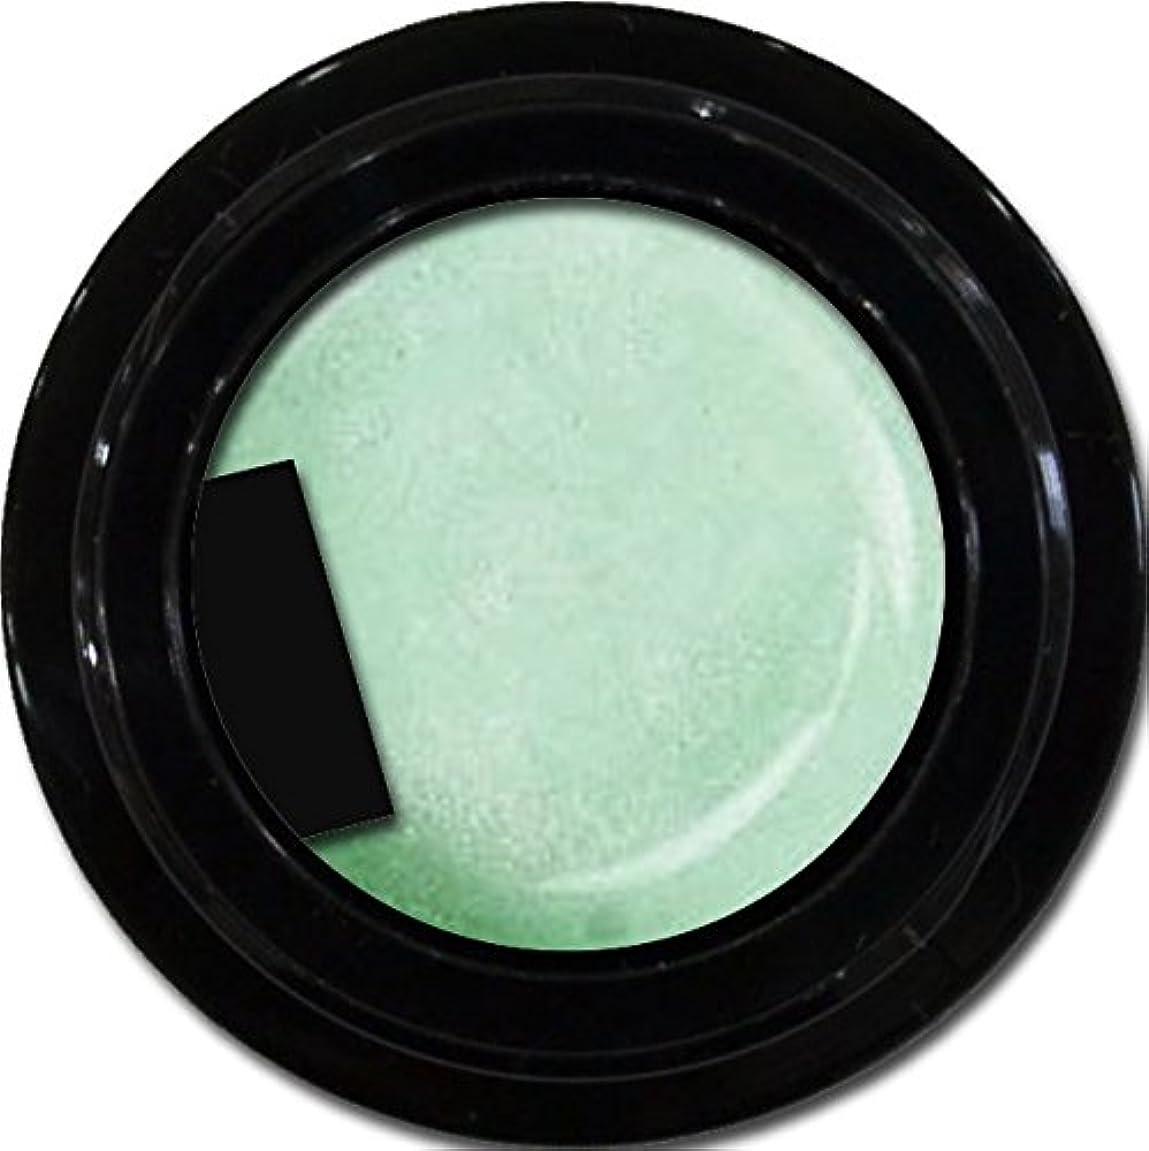 生き残りコジオスコインシデントカラージェル enchant color gel P701 GreenLilac 3g/ パールカラージェル P701グリーンライラック 3グラム